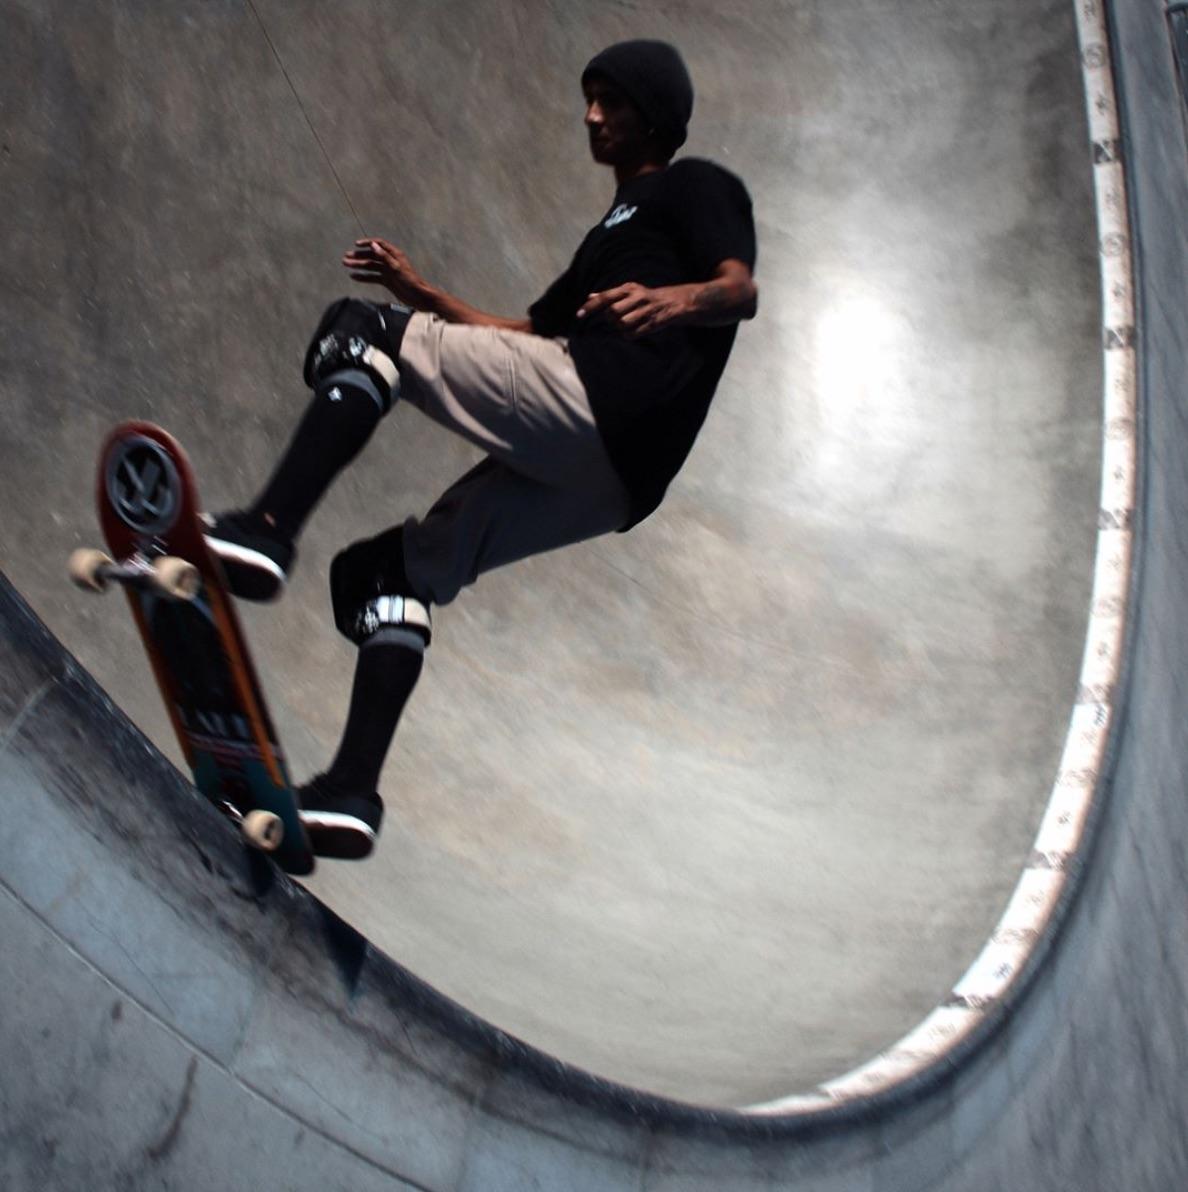 skate9.jpg